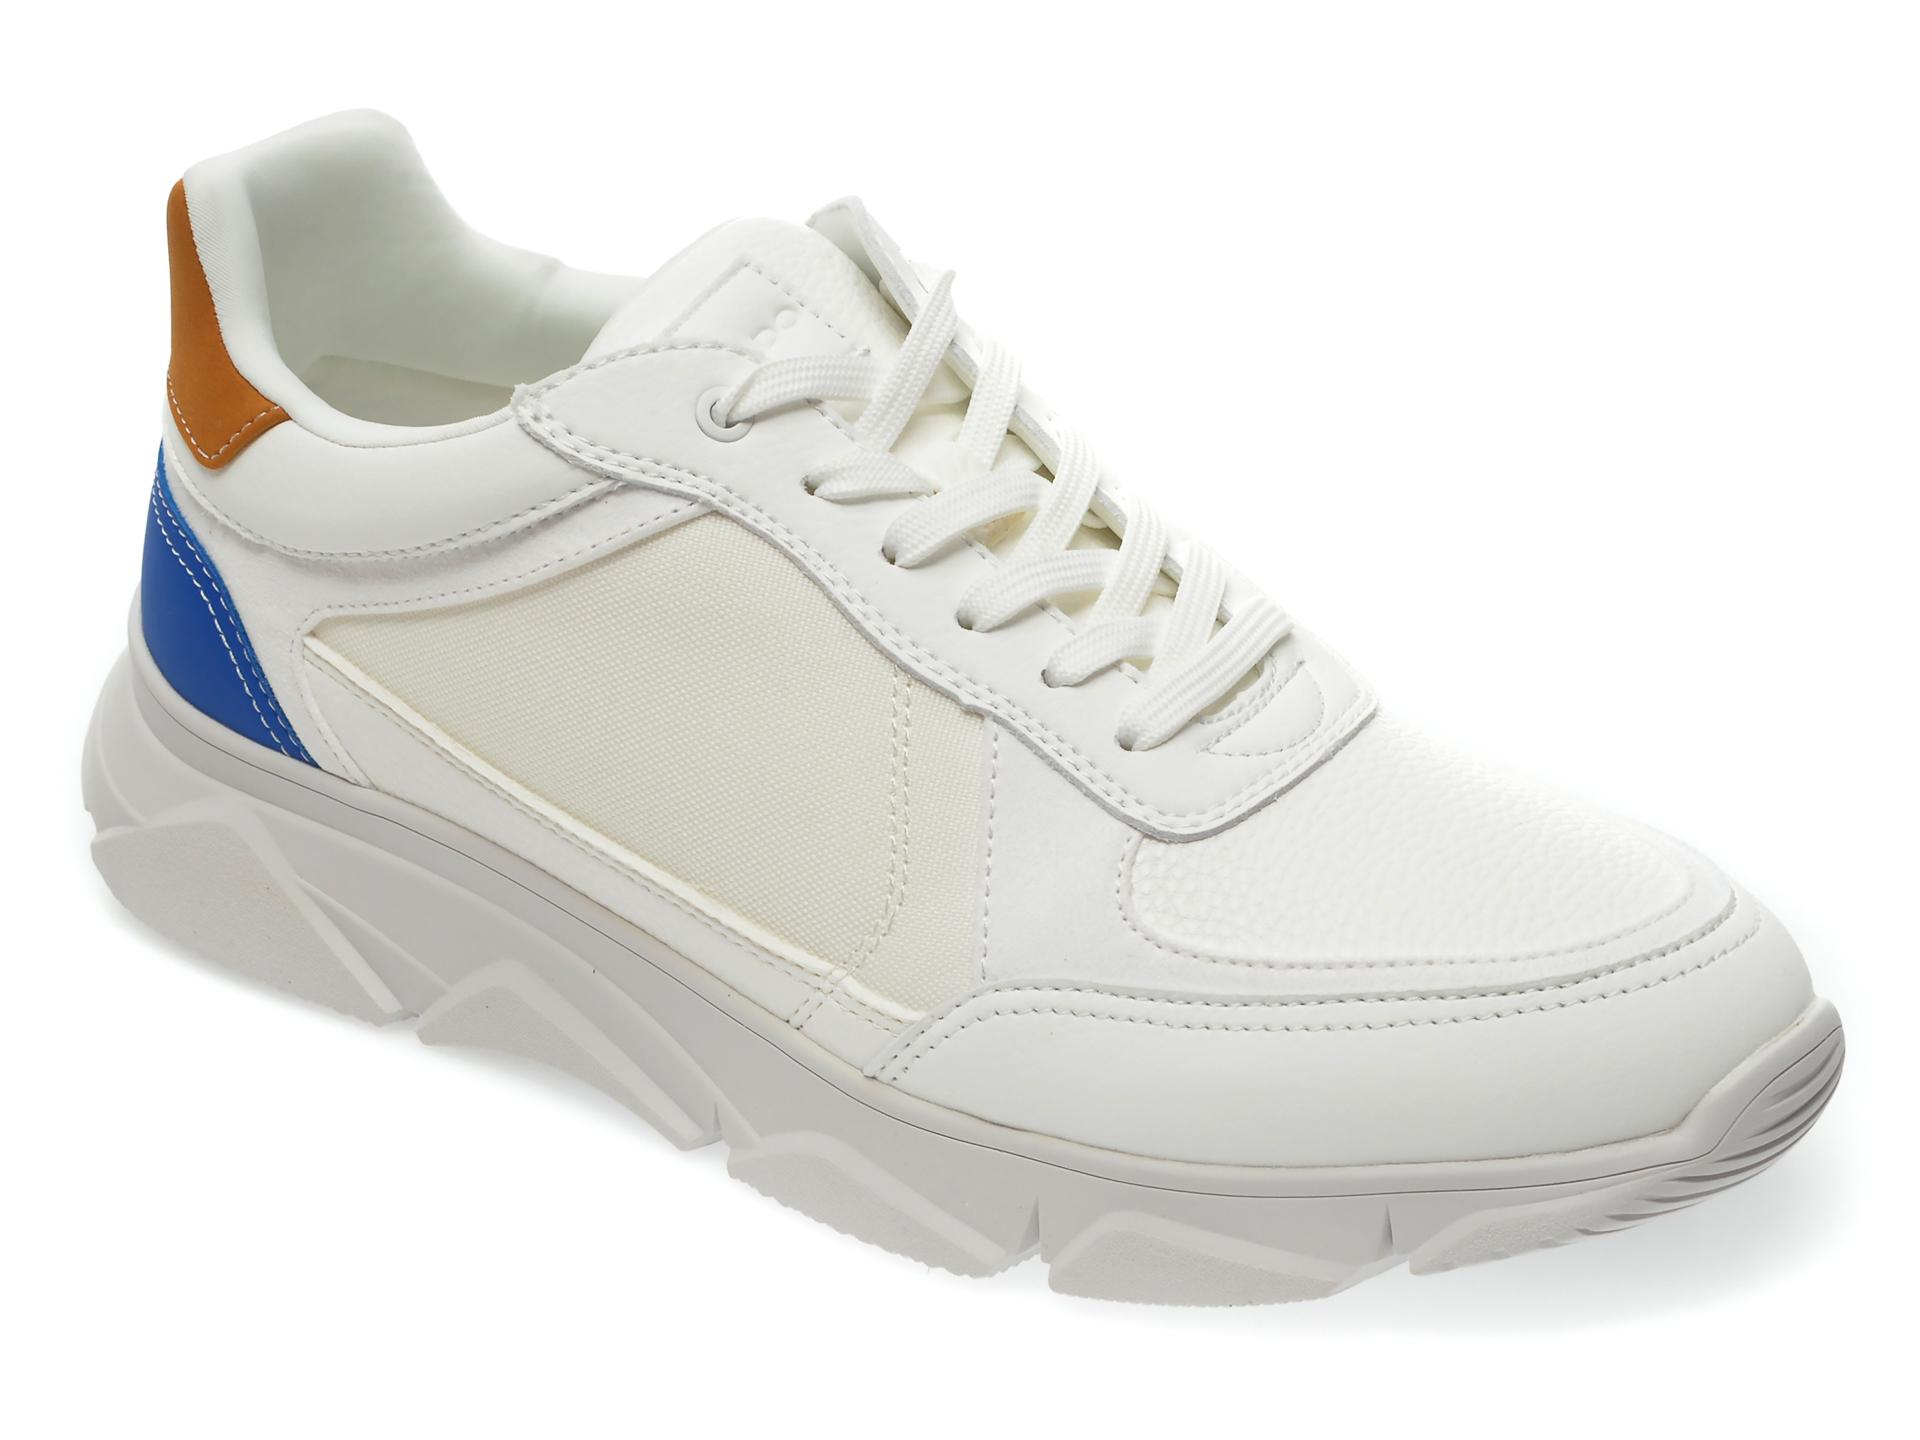 Pantofi sport ALDO albi, Bradd100, din piele ecologica imagine